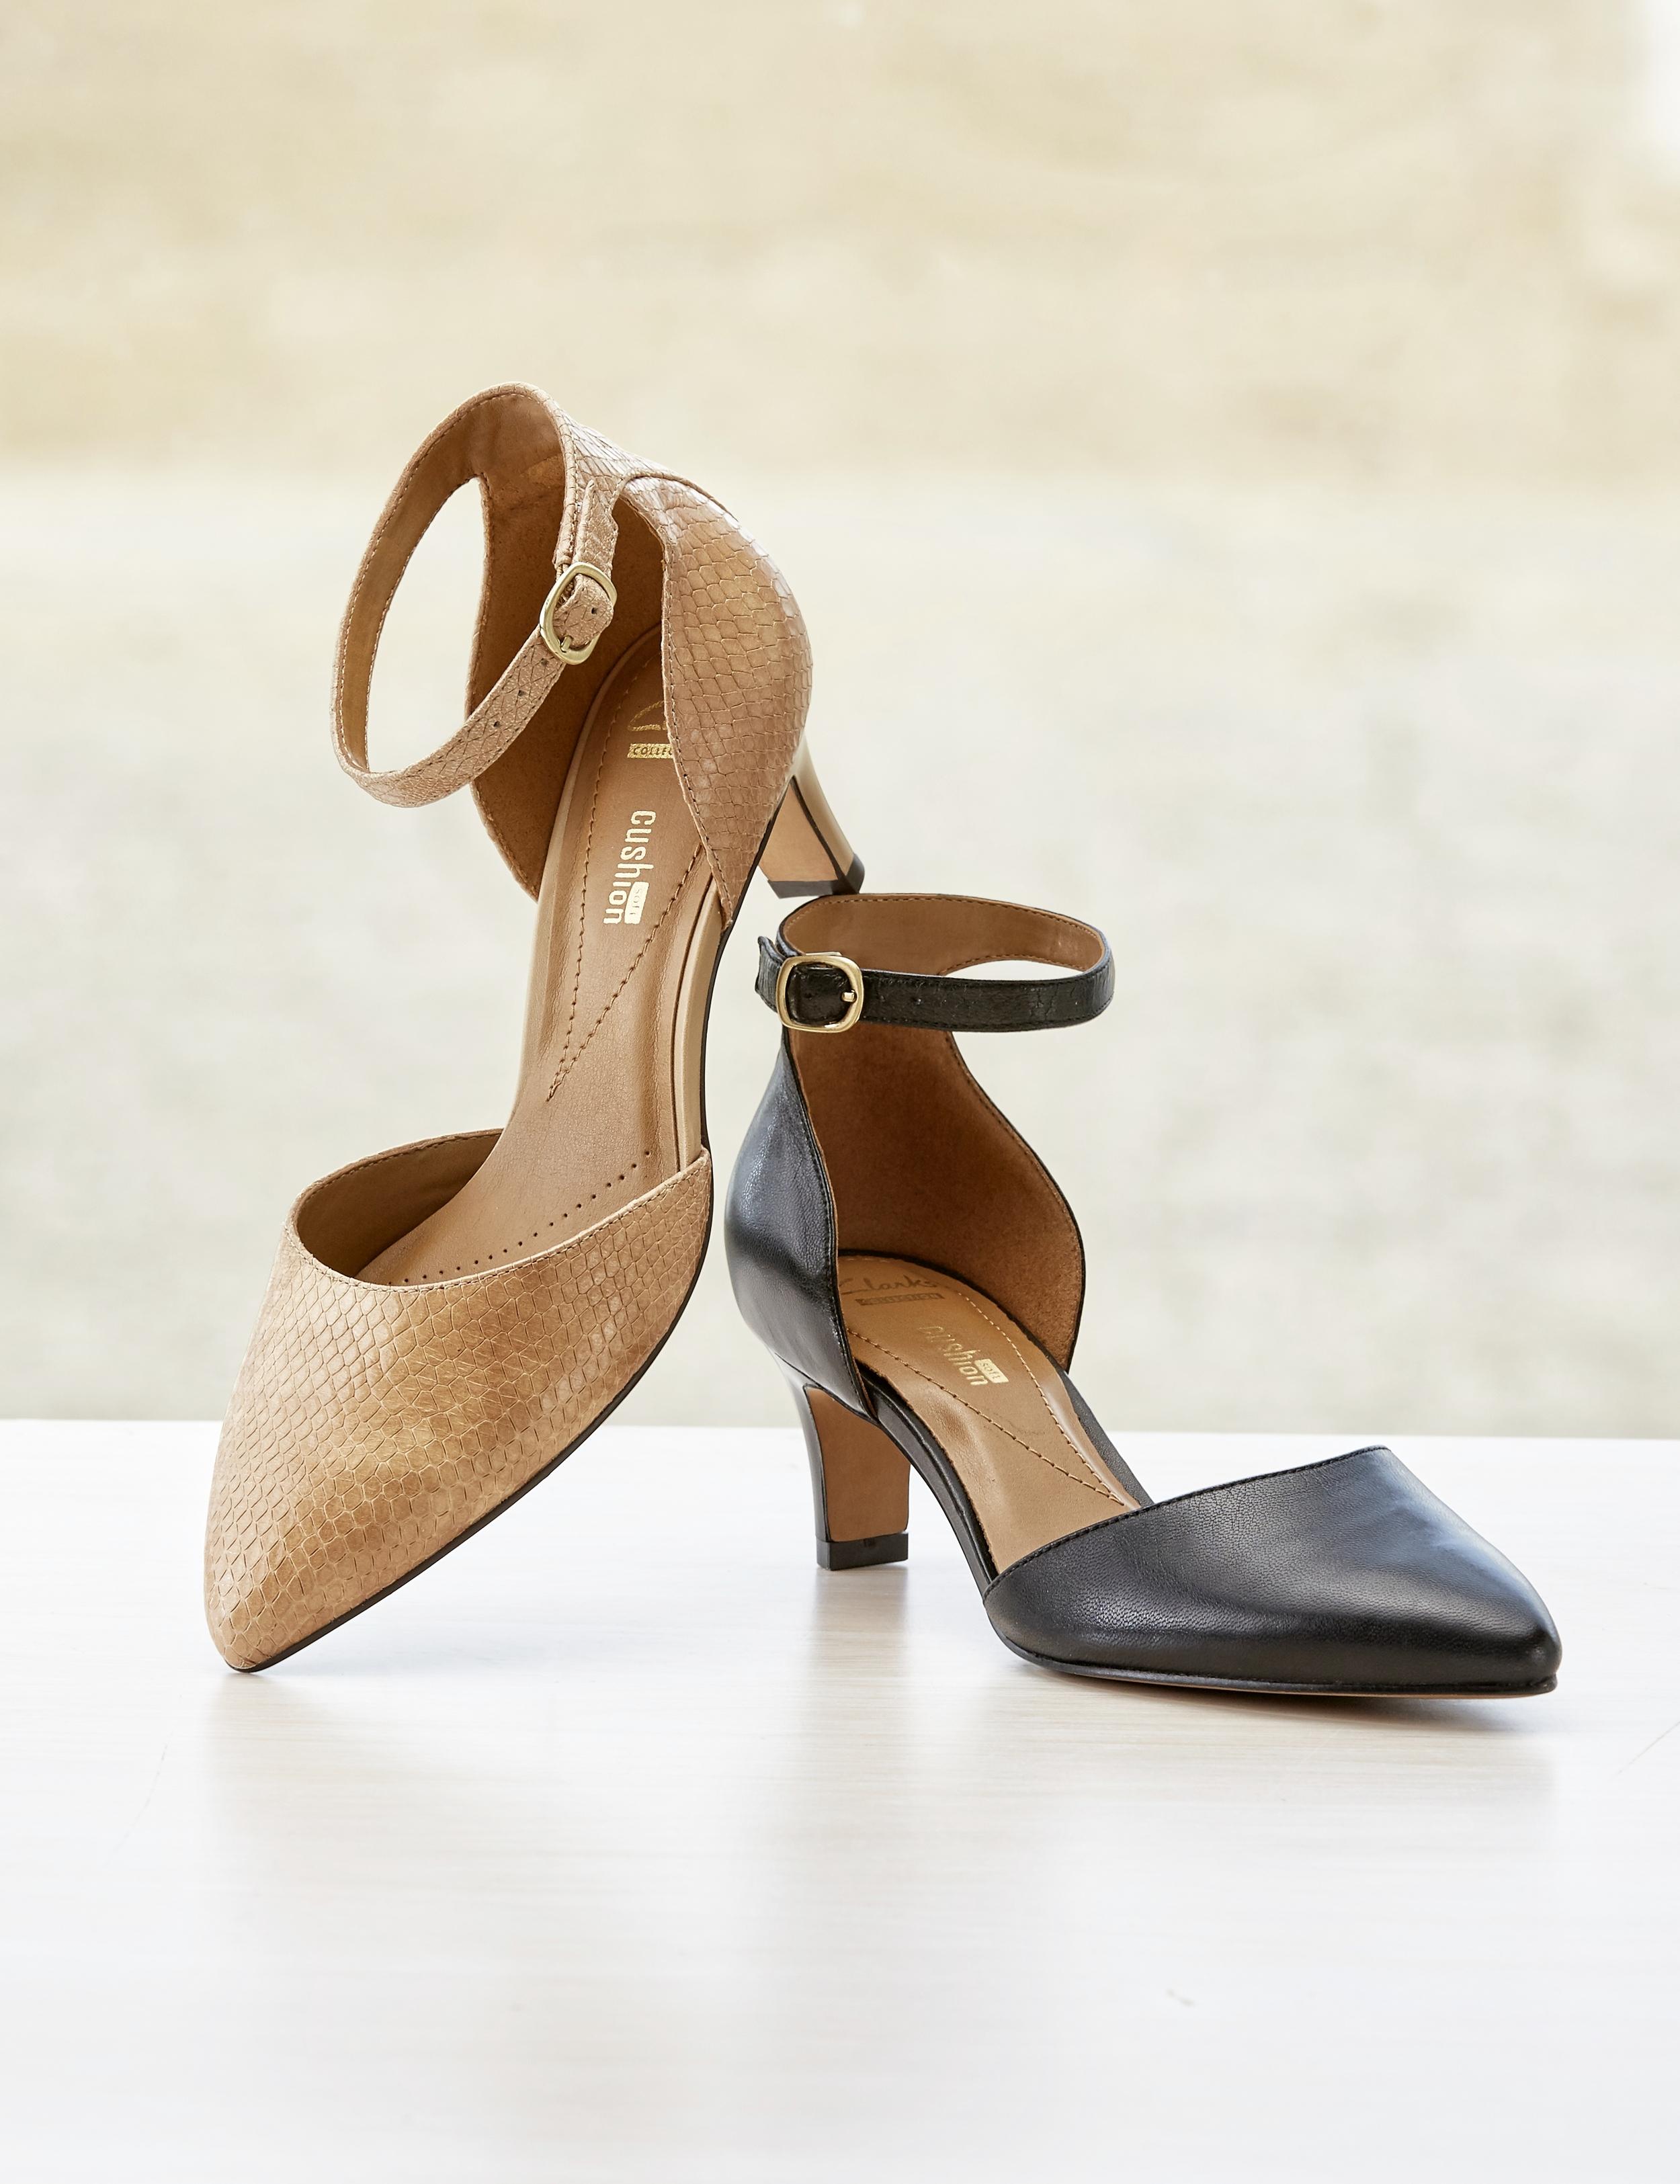 shoe jpeg 7.jpg